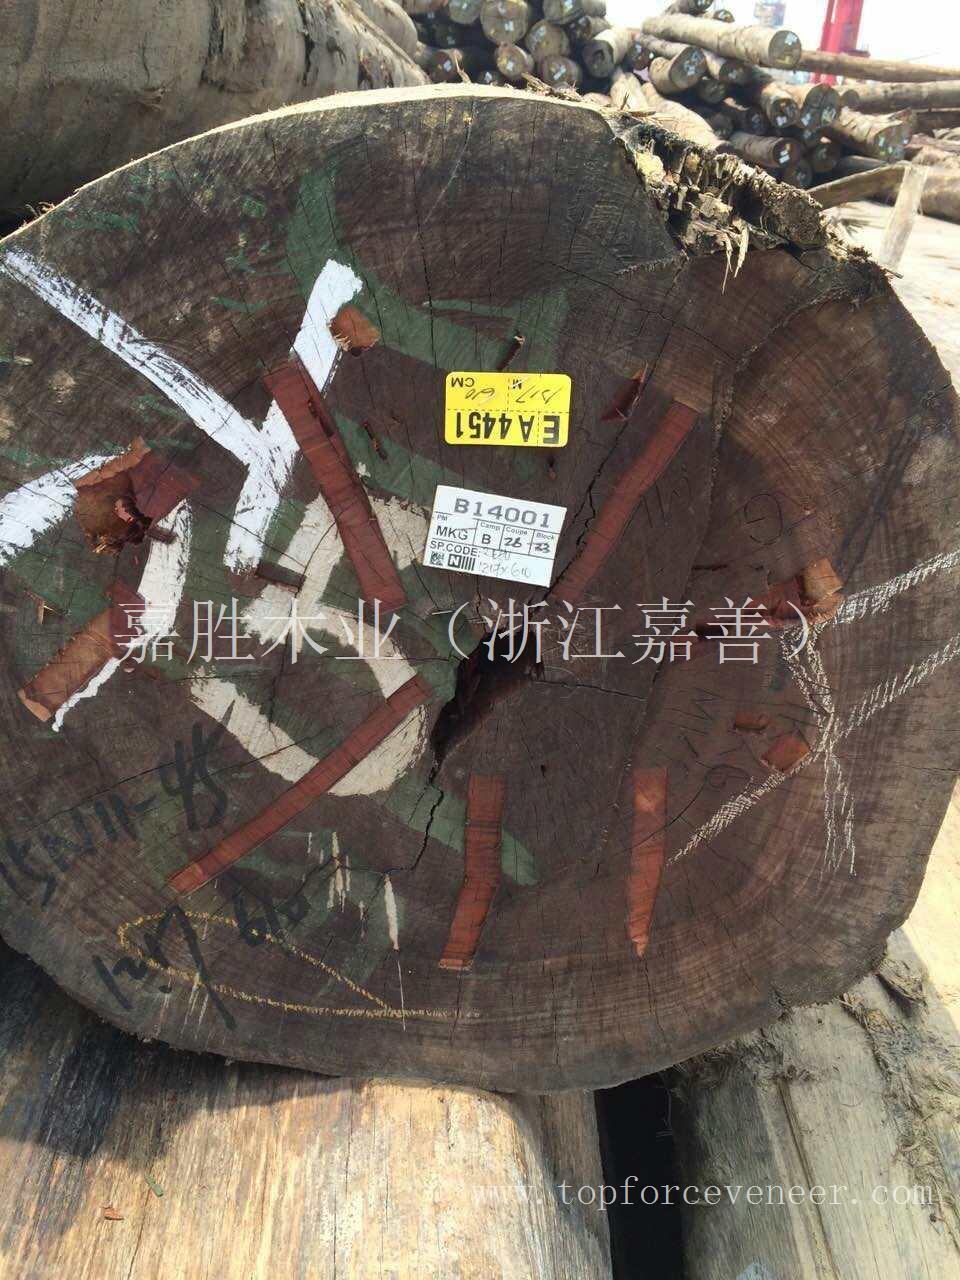 亚洲东南亚马来西亚东马红心漆原木 Rengas Logs with Red Heart